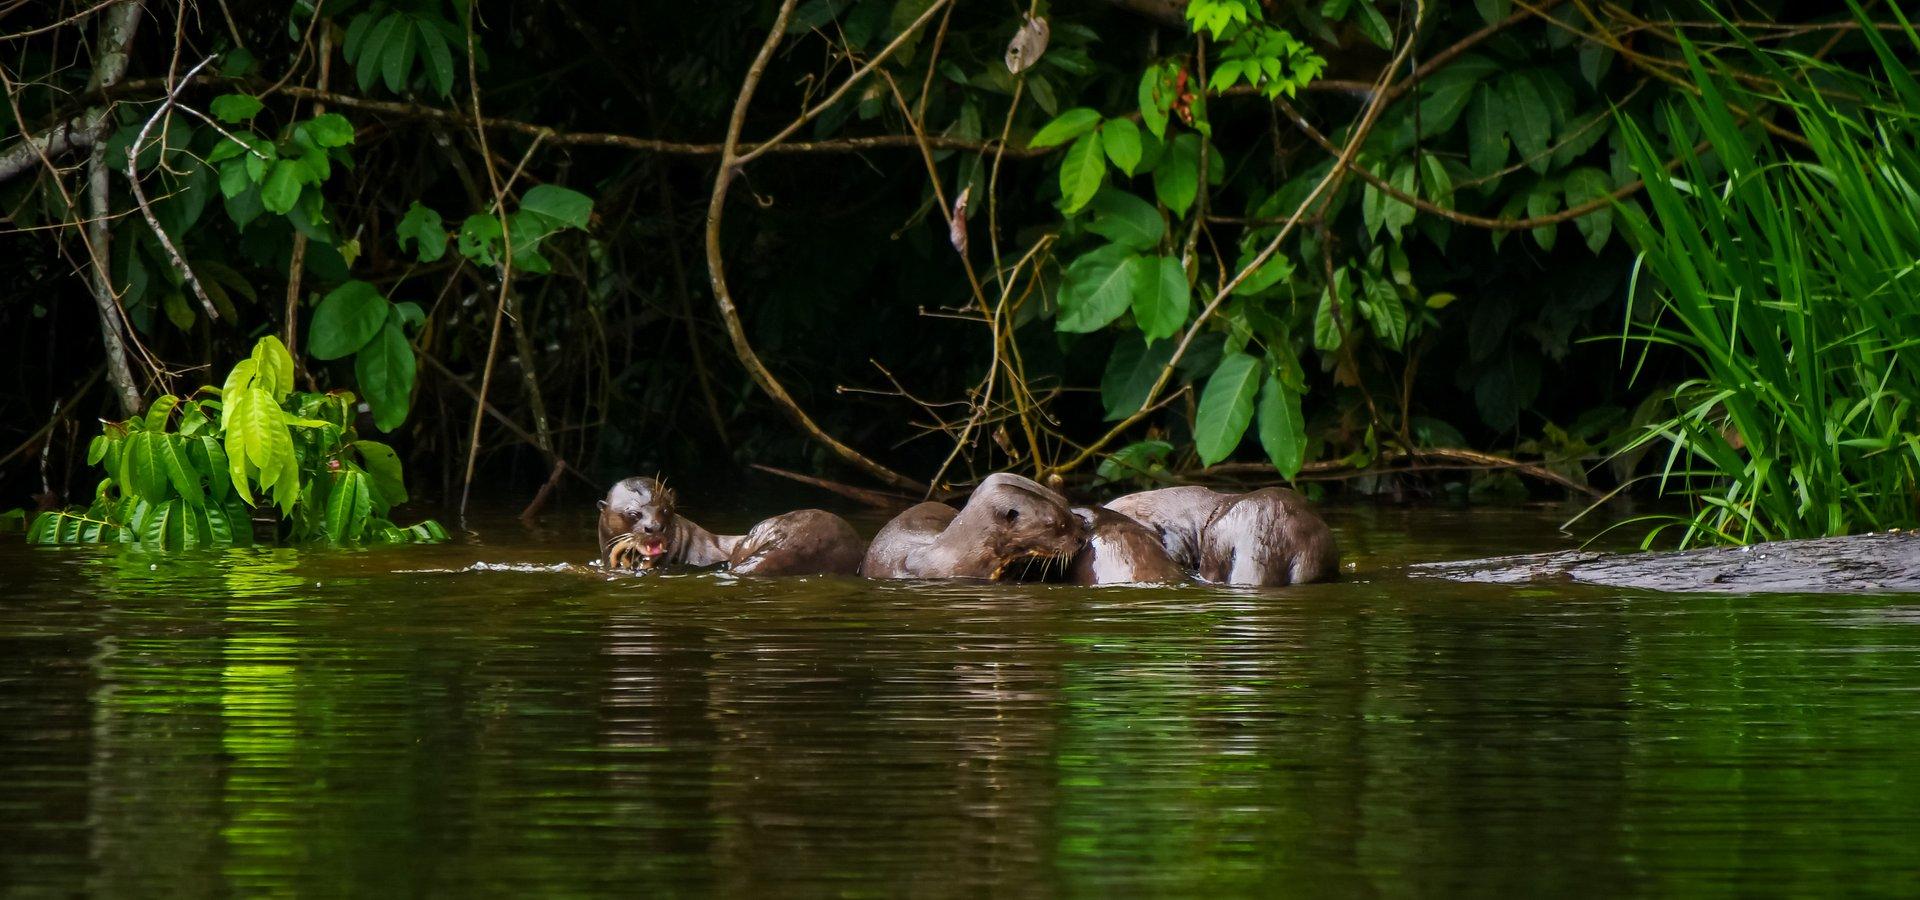 Amazonia jest w niebezpieczeństwie. National Geographic Wild oddaje jej hołd i skłania do refleksji